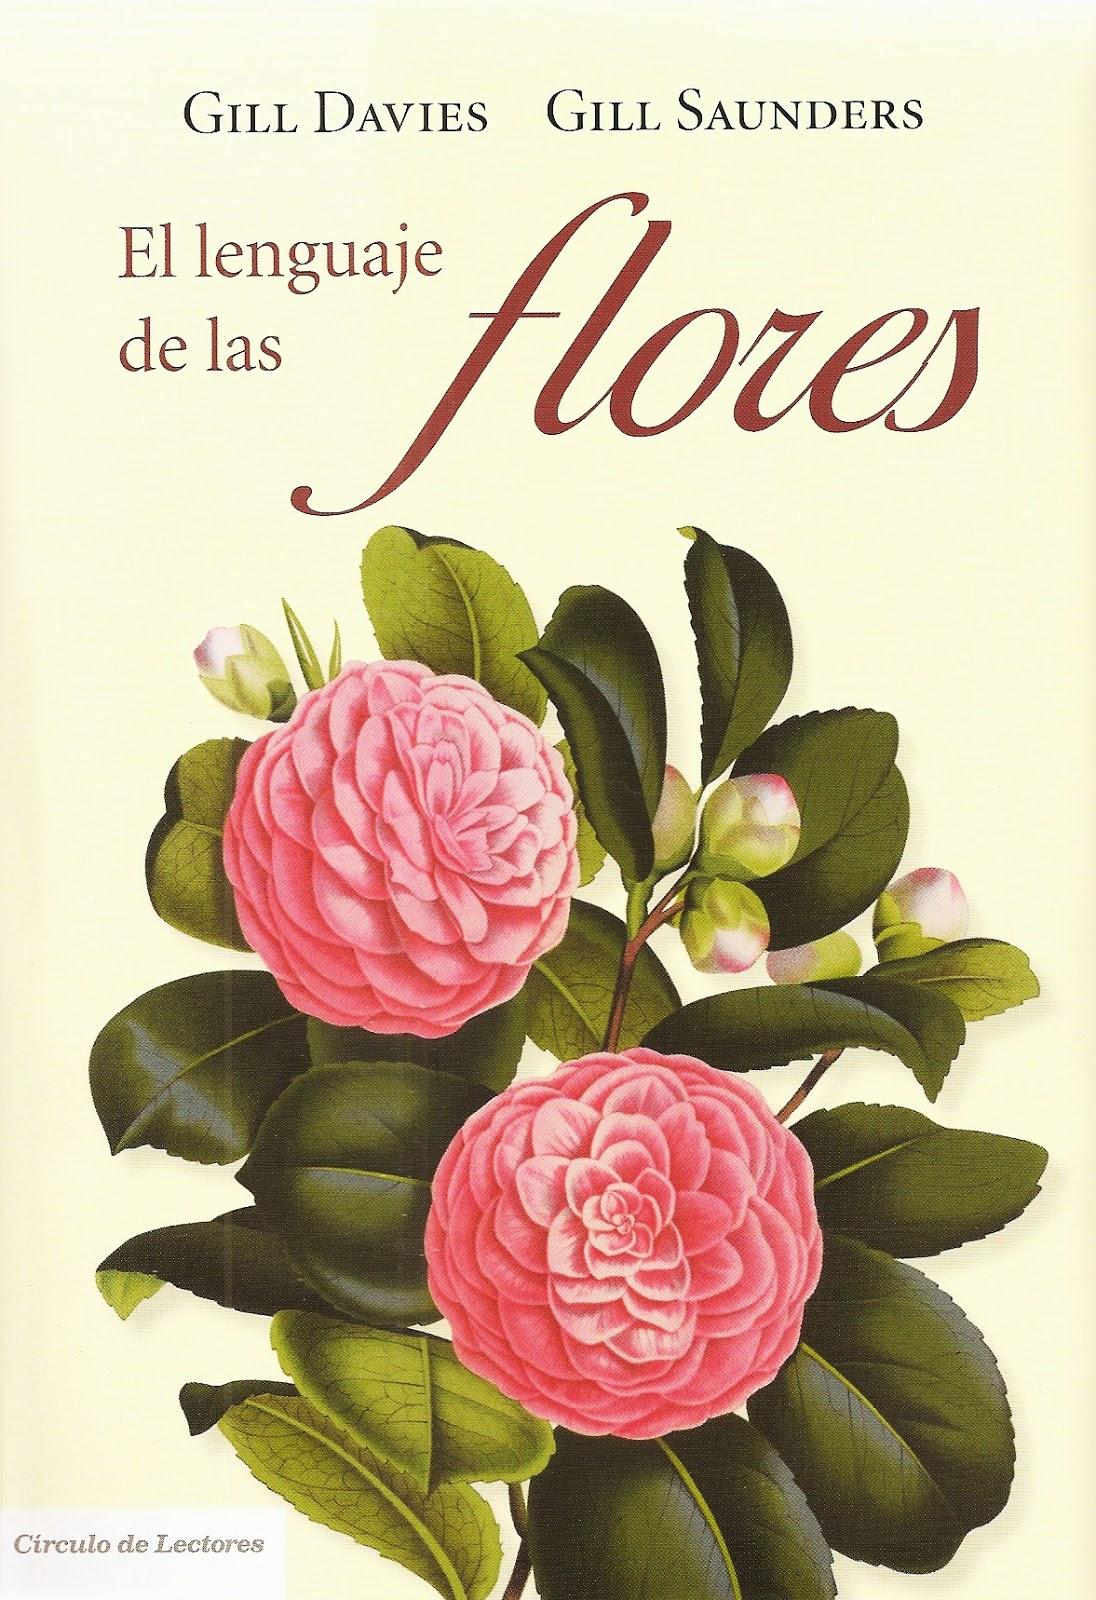 """Trazos en el bloc: """"EL LENGUAJE DE LAS FLORES"""" de Gill Davies & Gill ..."""